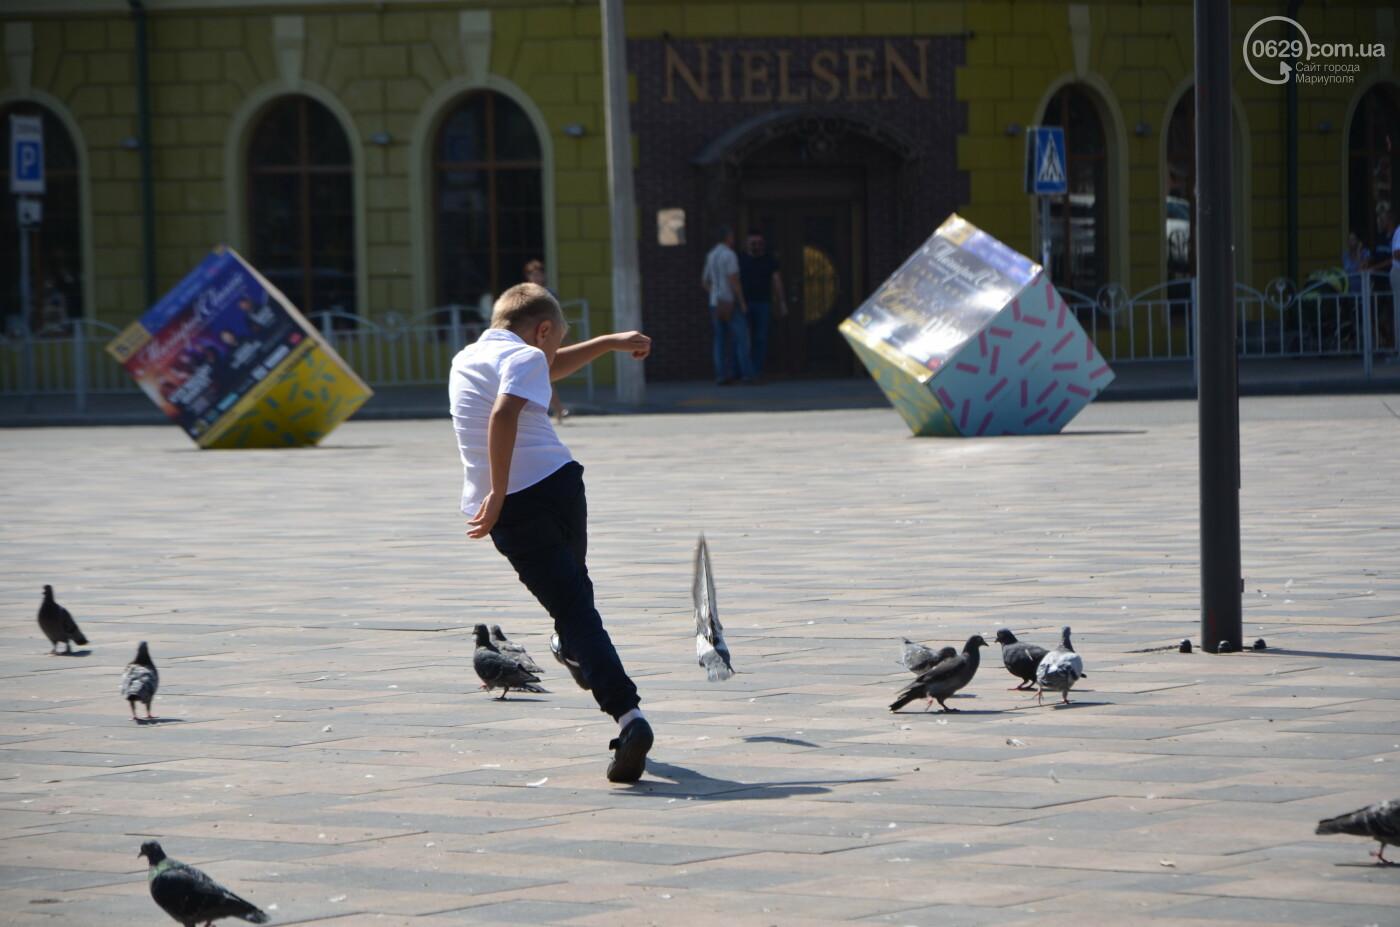 Первое сентября в Мариуполе: 23 лучших фотографии сегодняшнего дня, фото-20